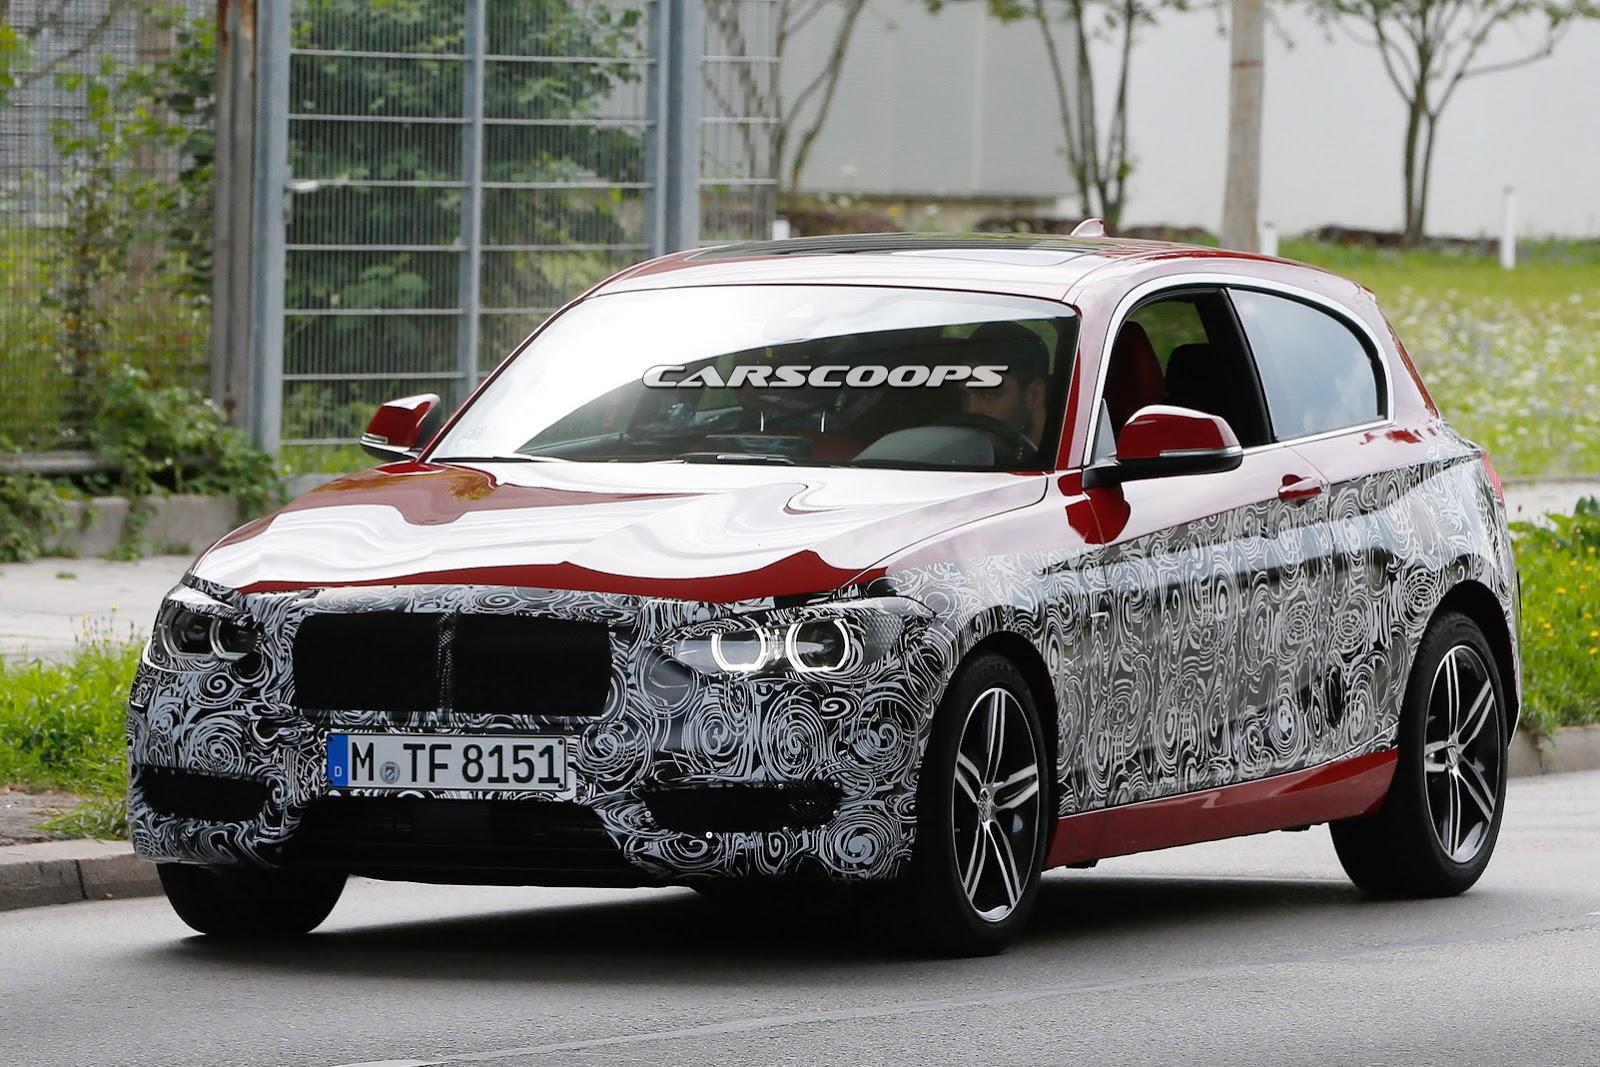 BMW 3 Series bmw 128i body kit BMW 1-Series – BMWCoop | BMW Blog, BMW News, BMW Reviews